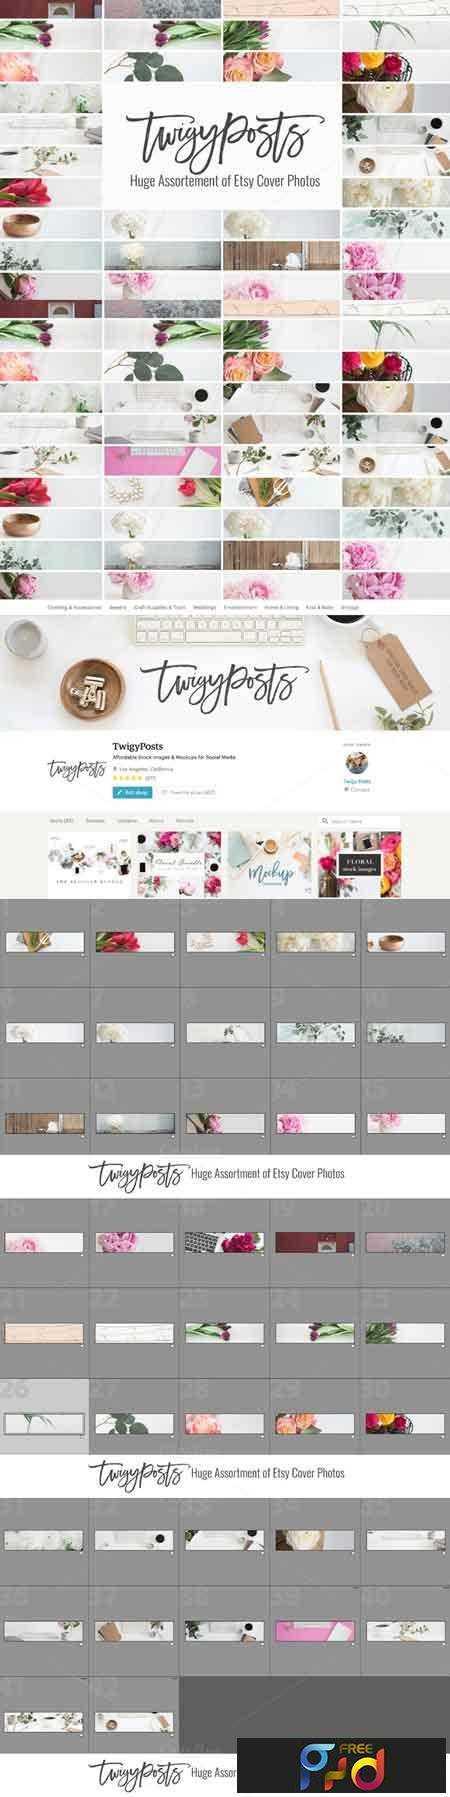 freepsdvn-com_1460996028_cover-photos-for-etsy-over-40-pics-610591